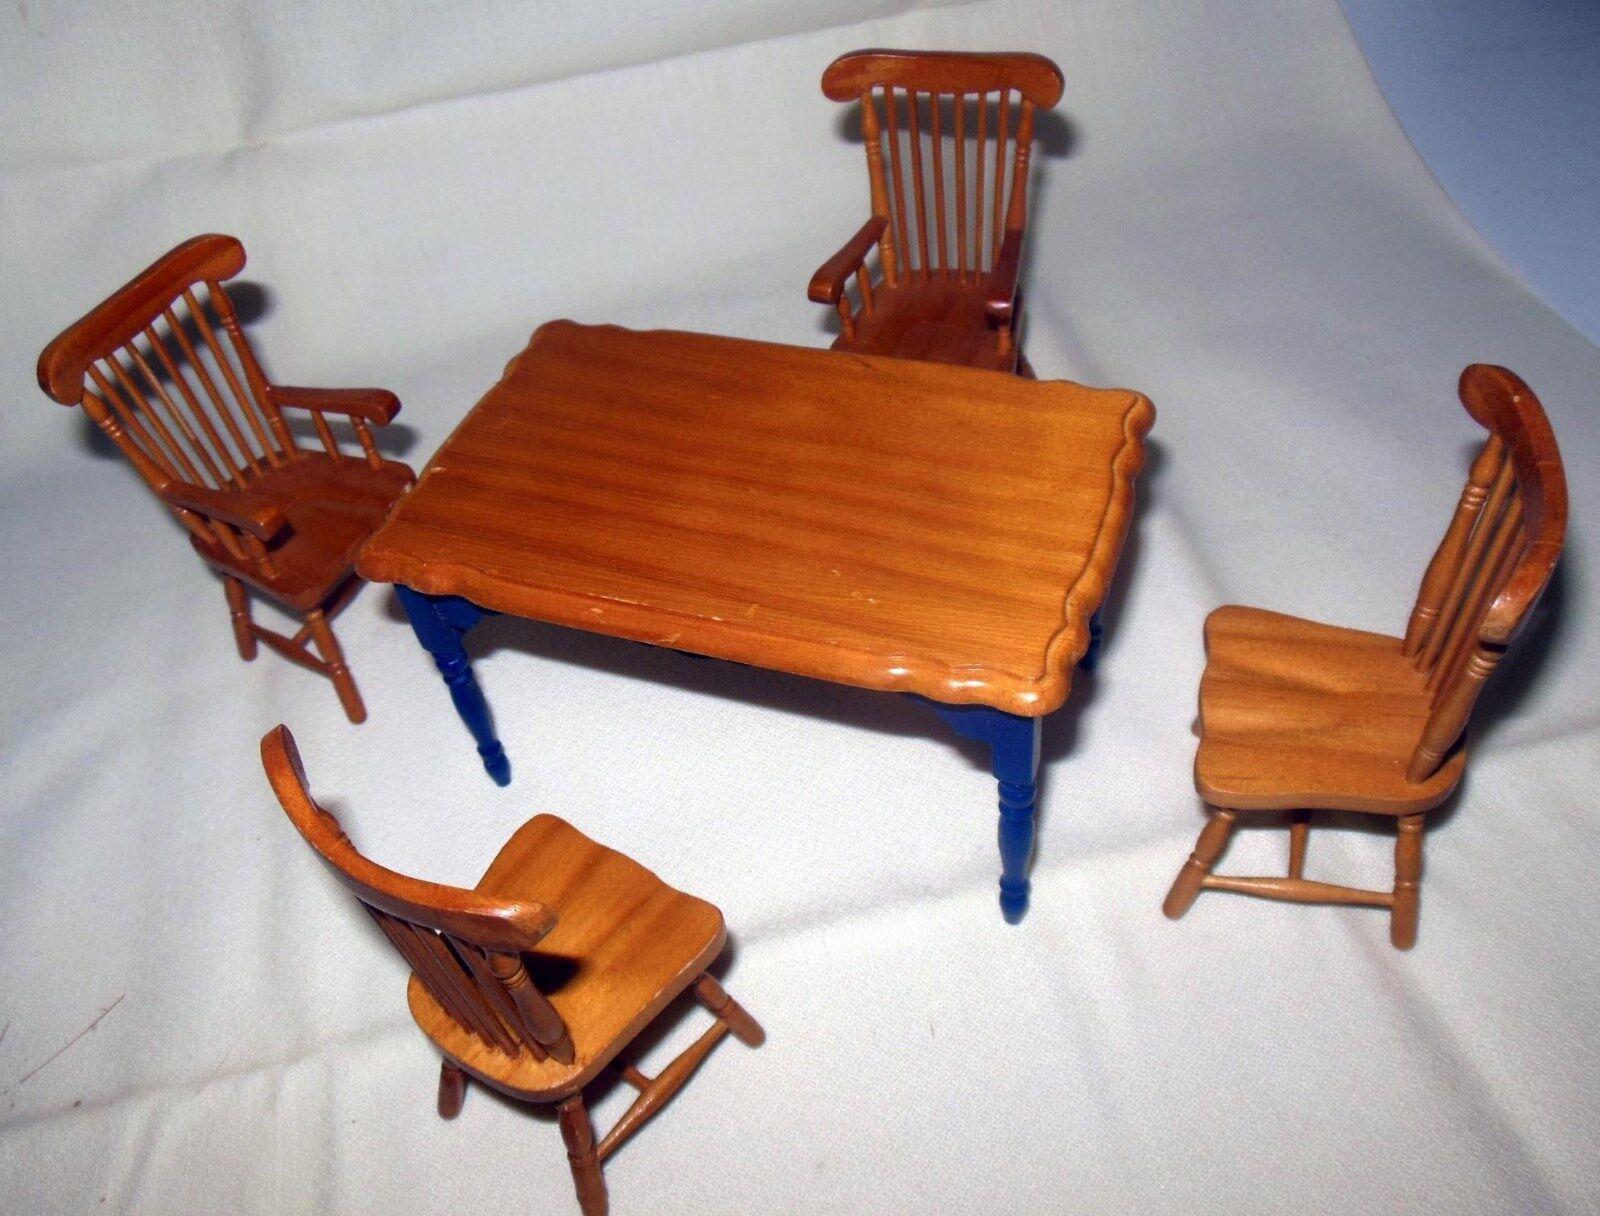 comprare sconti VINTAGE BENNINGTON TABLE SET     1214 bambolaHOUSE FURNITURE MINIATURES  liquidazione fino al 70%